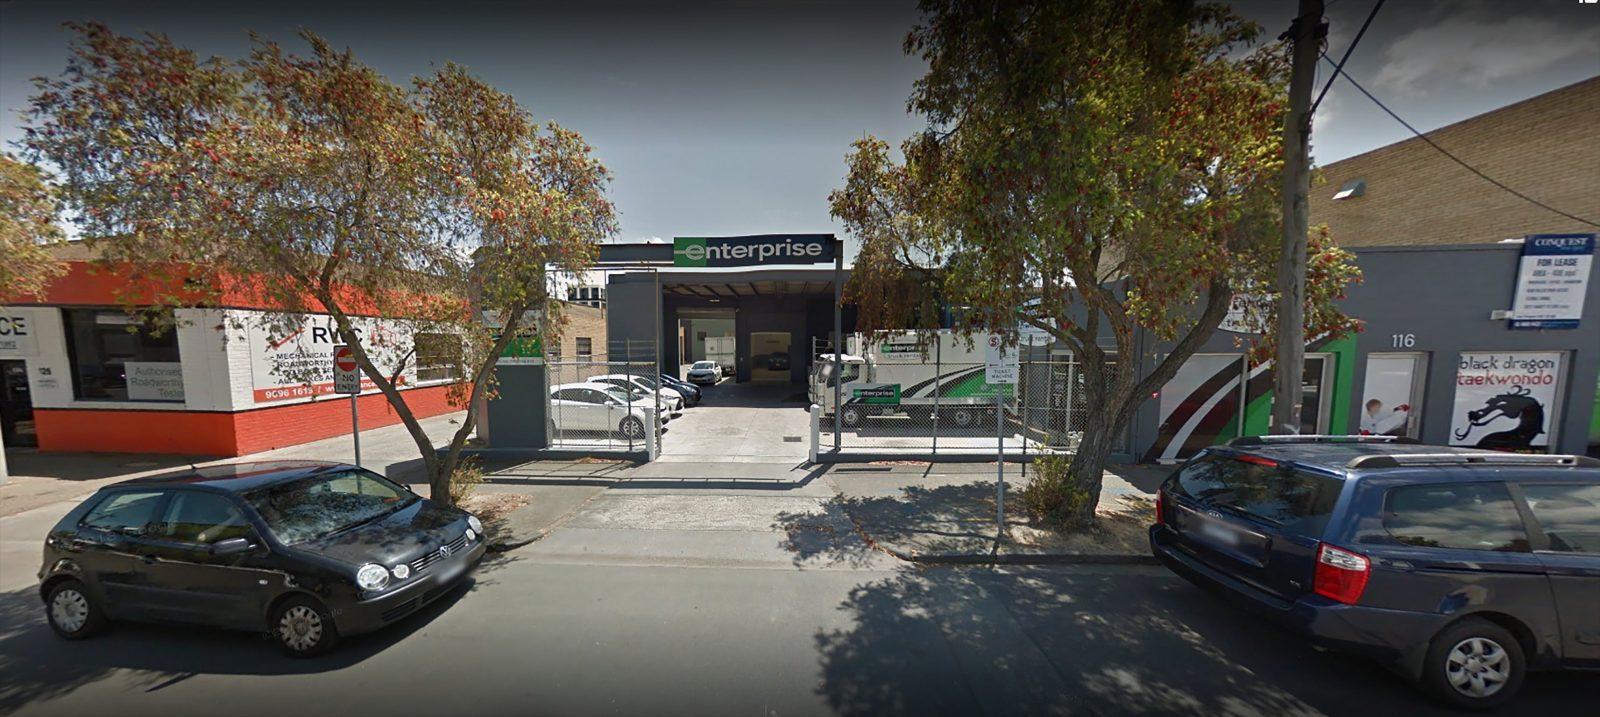 Enterprise Rent a Car Melbourne Downtown Image